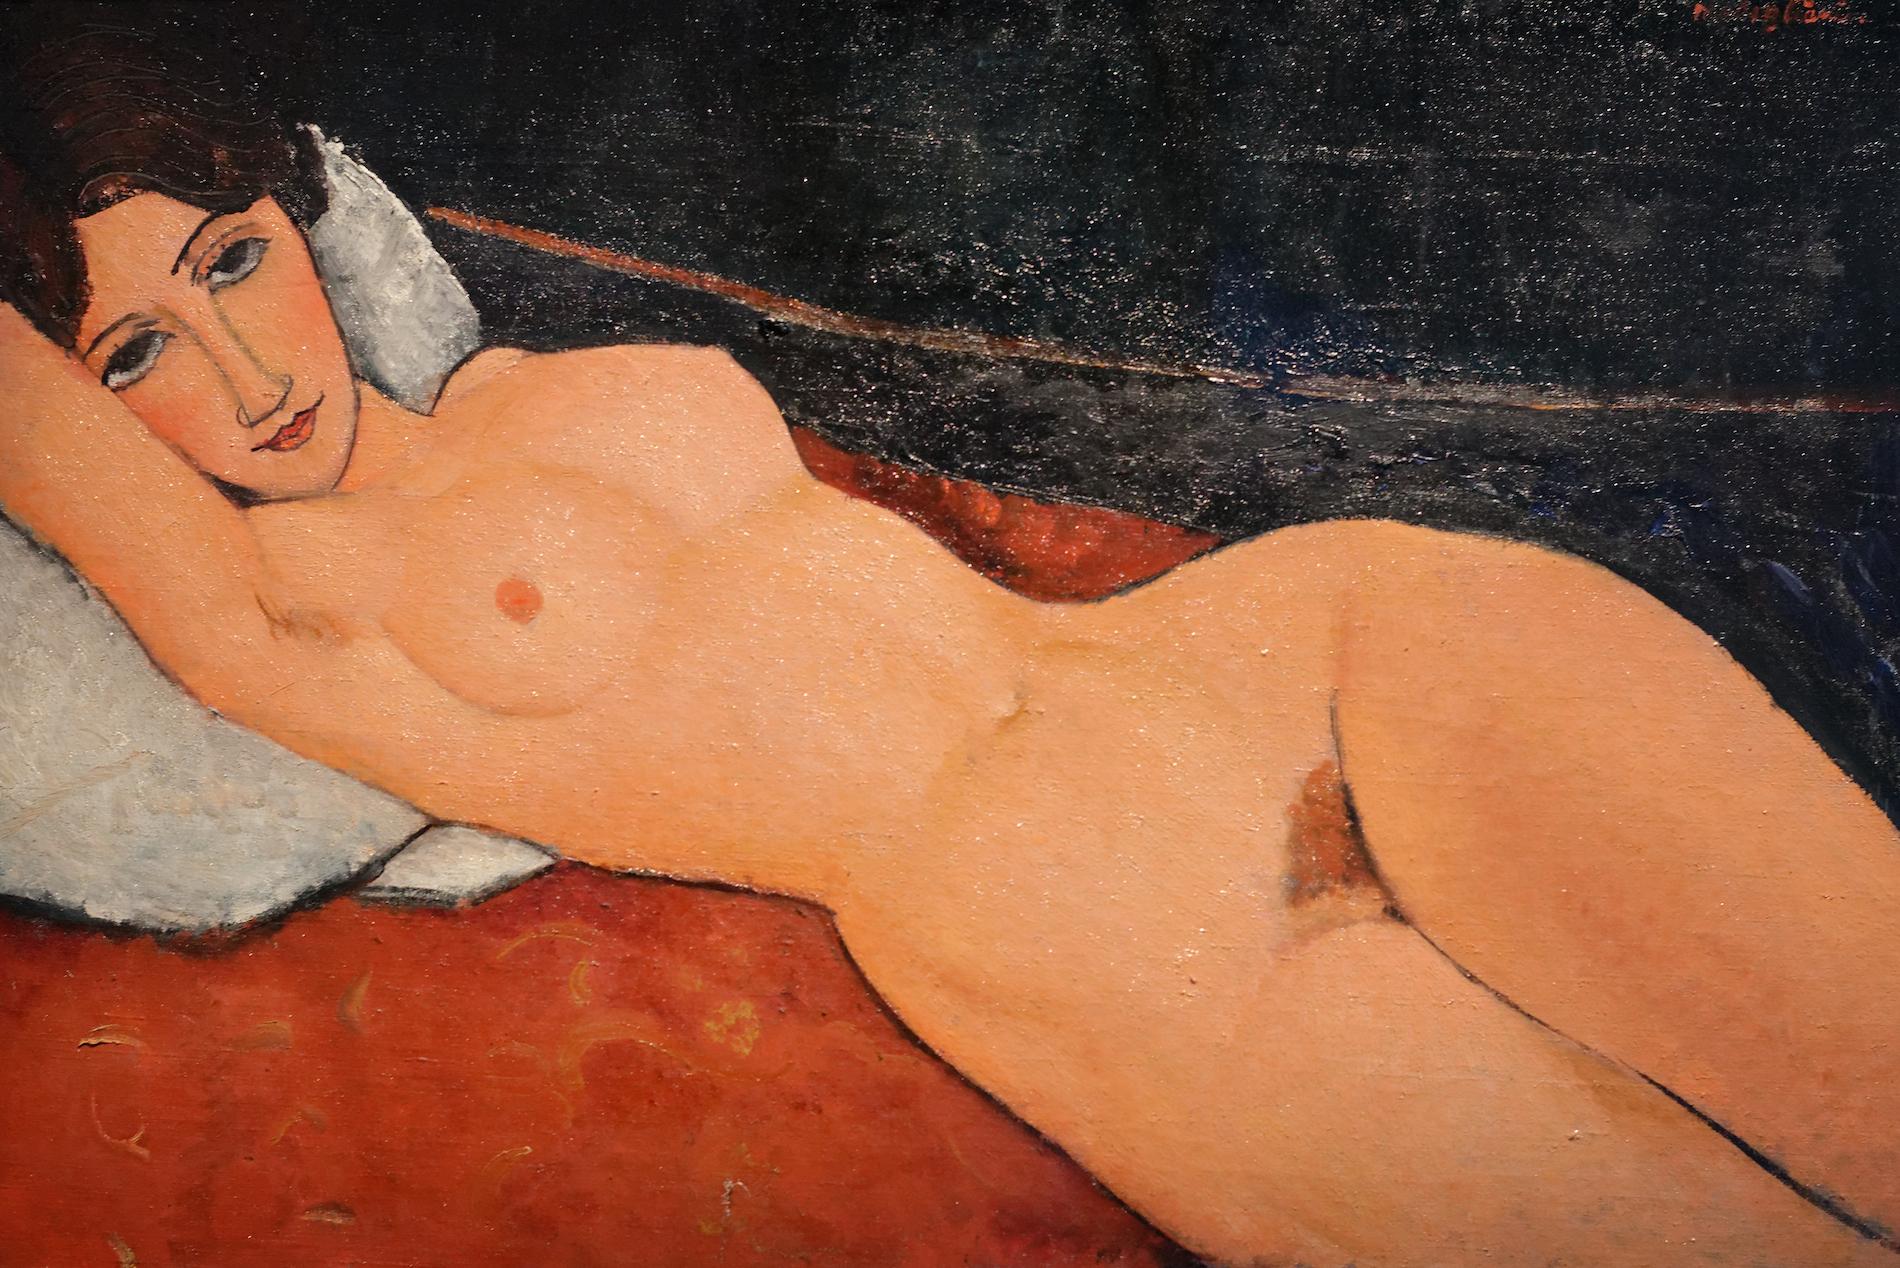 Francesco Ricci e Silvio Ciappi, Anime nude